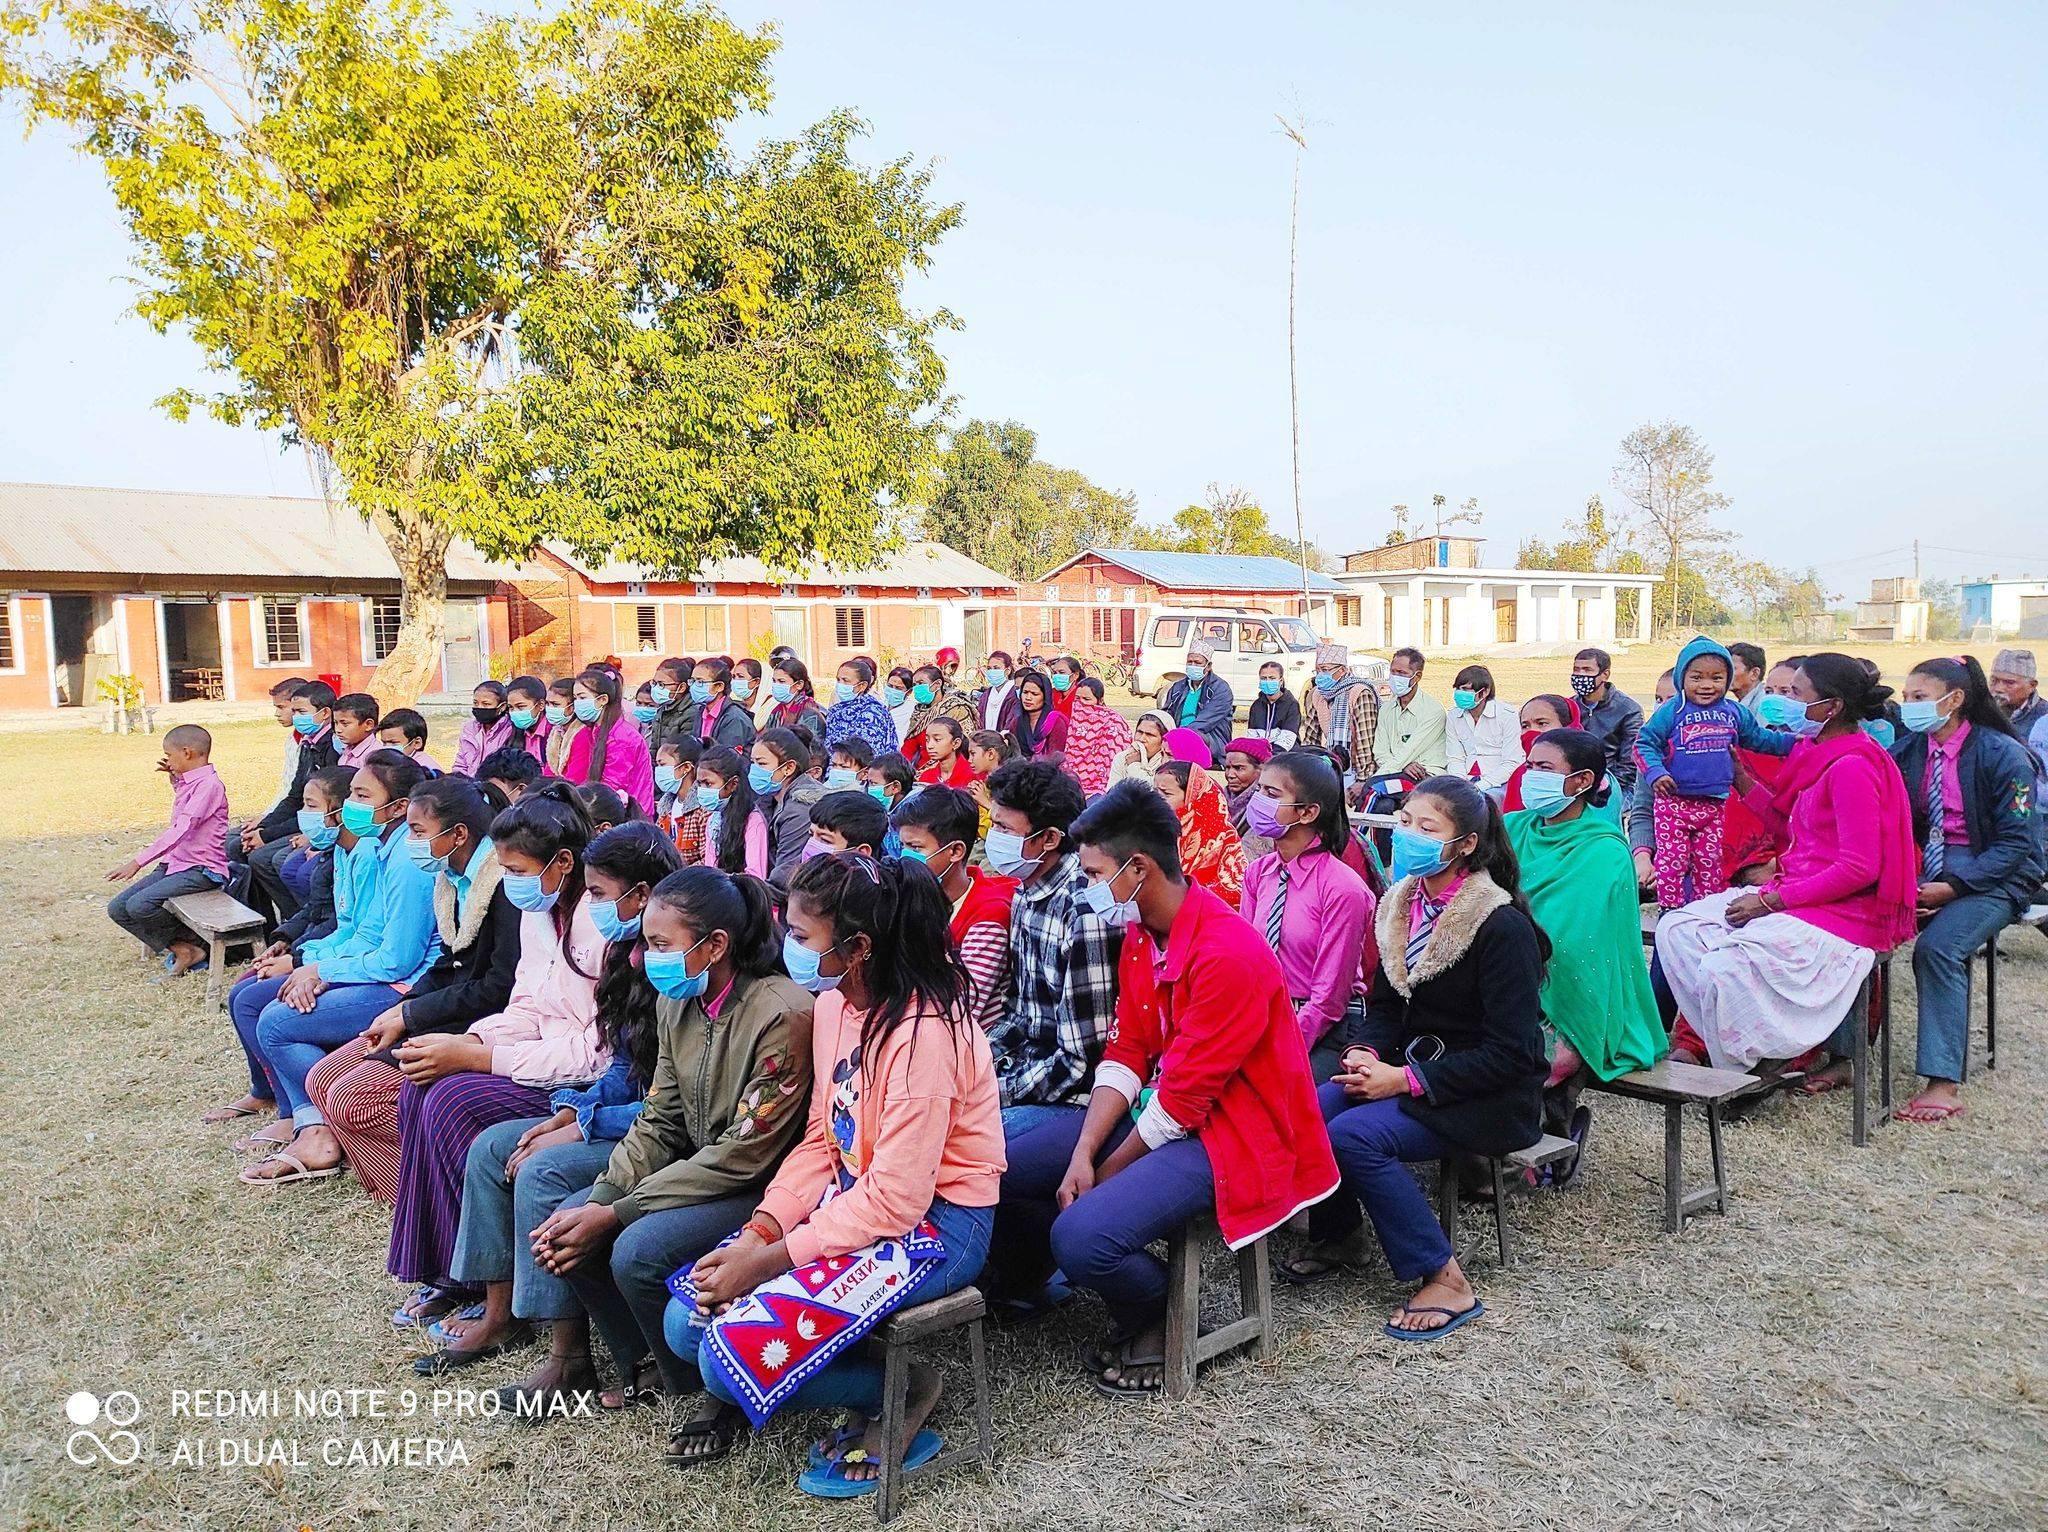 बर्दियाको राजापुर, गुलरिया र बढैयातालमा शैक्षिक सामाग्री वितरण